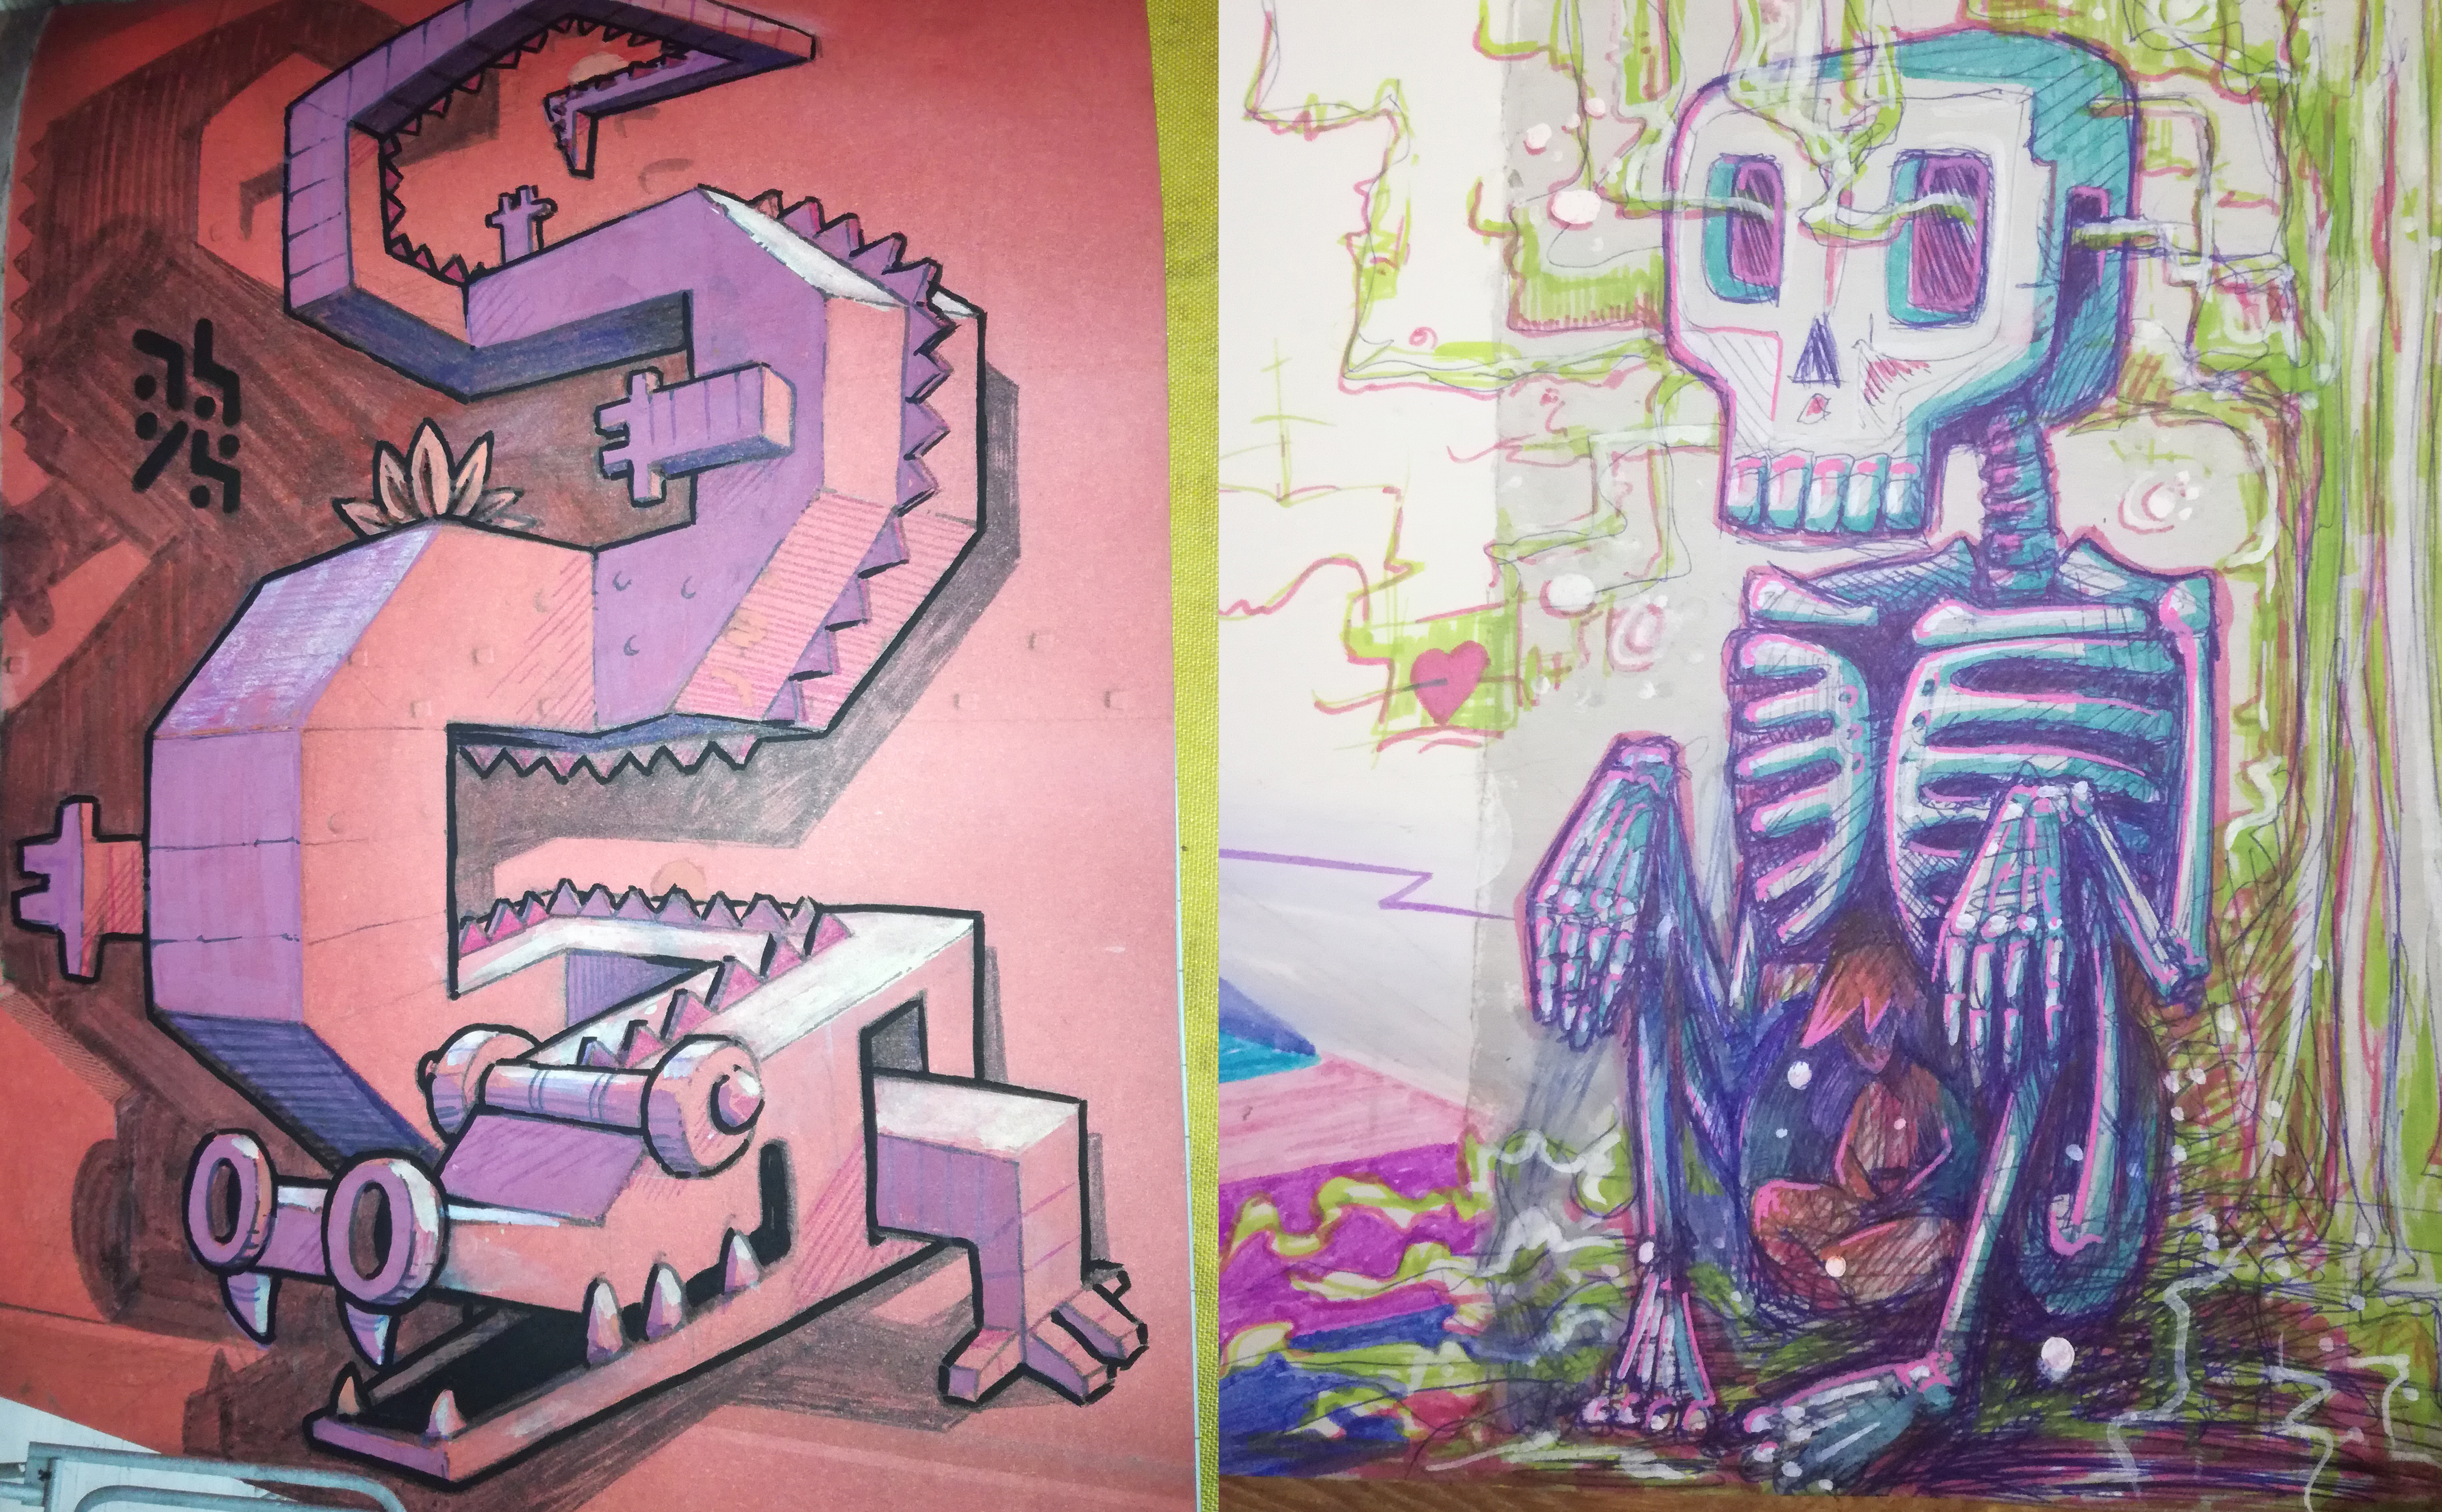 abys - da lyon - illustration sketch idoll ayahuasca